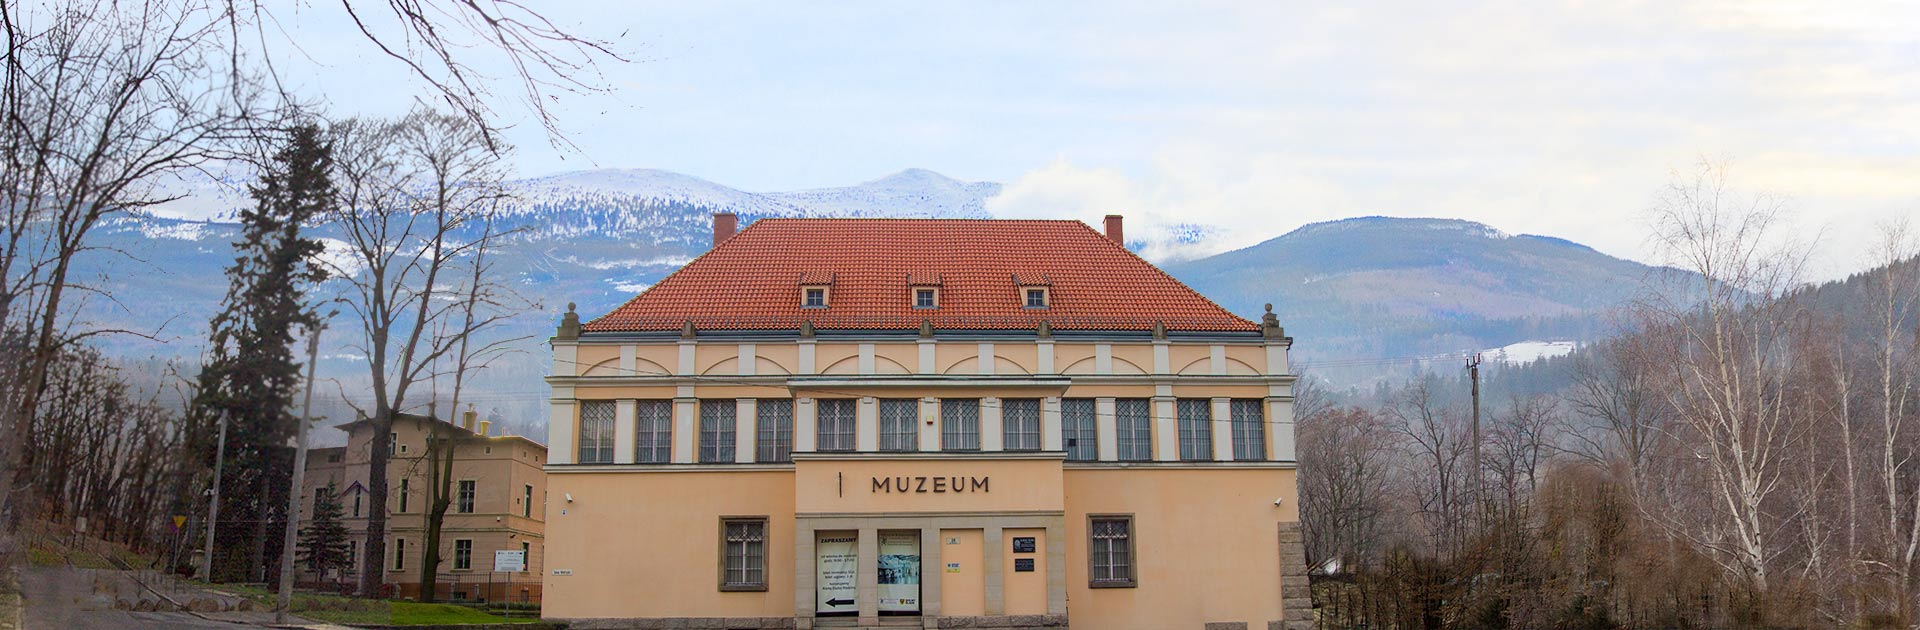 Zdjęcie panoramiczne przedstawiające muzeum karkonoskie w Jeleniej Górze.